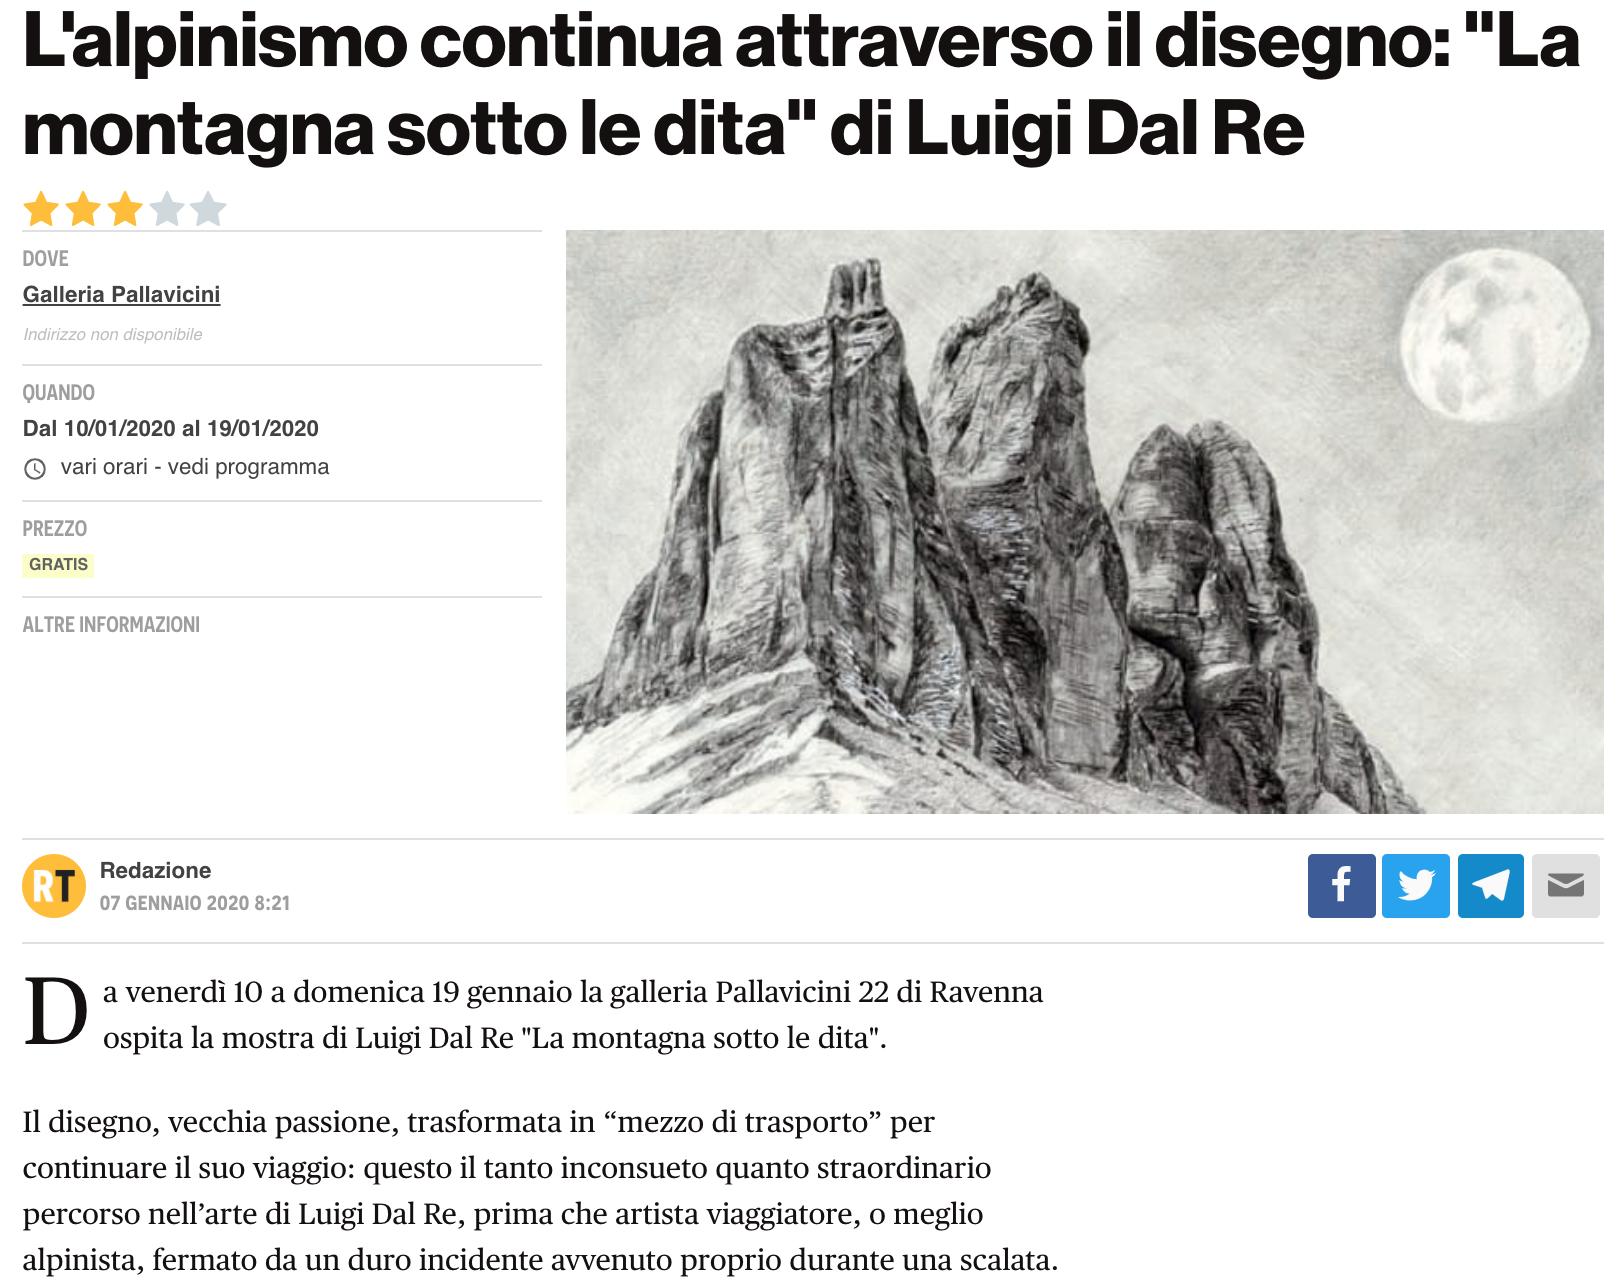 La montagna sotto le dita - Luigi Dal Re su RavennaToday | Pallavicini22 spazio espositivo Ravenna